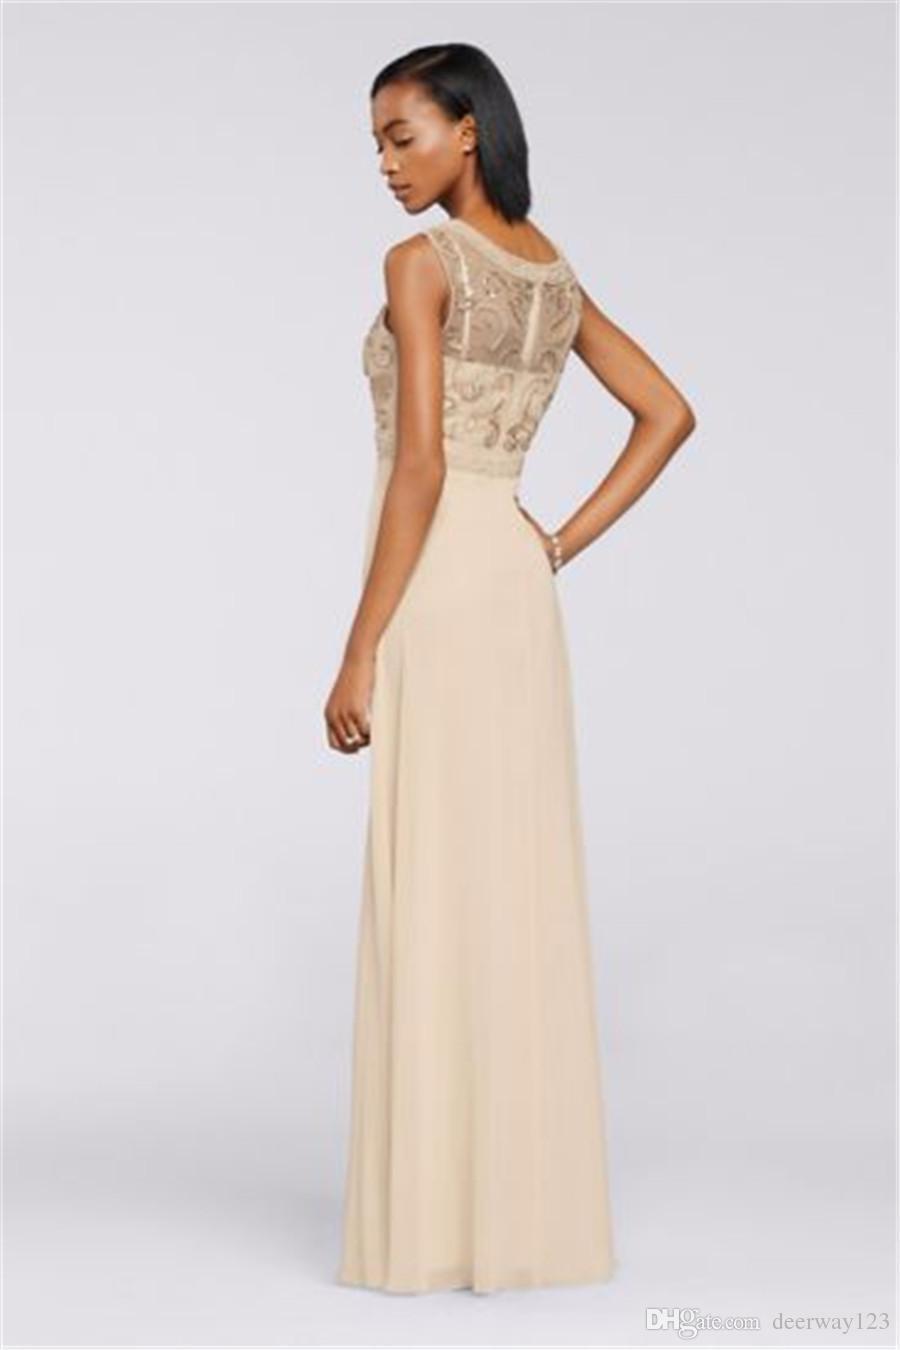 Chiffon lungo abito da sera con vestito da sera in rilievo a mano illusione Corpetto 182944DB festa di nozze da Cerimonia